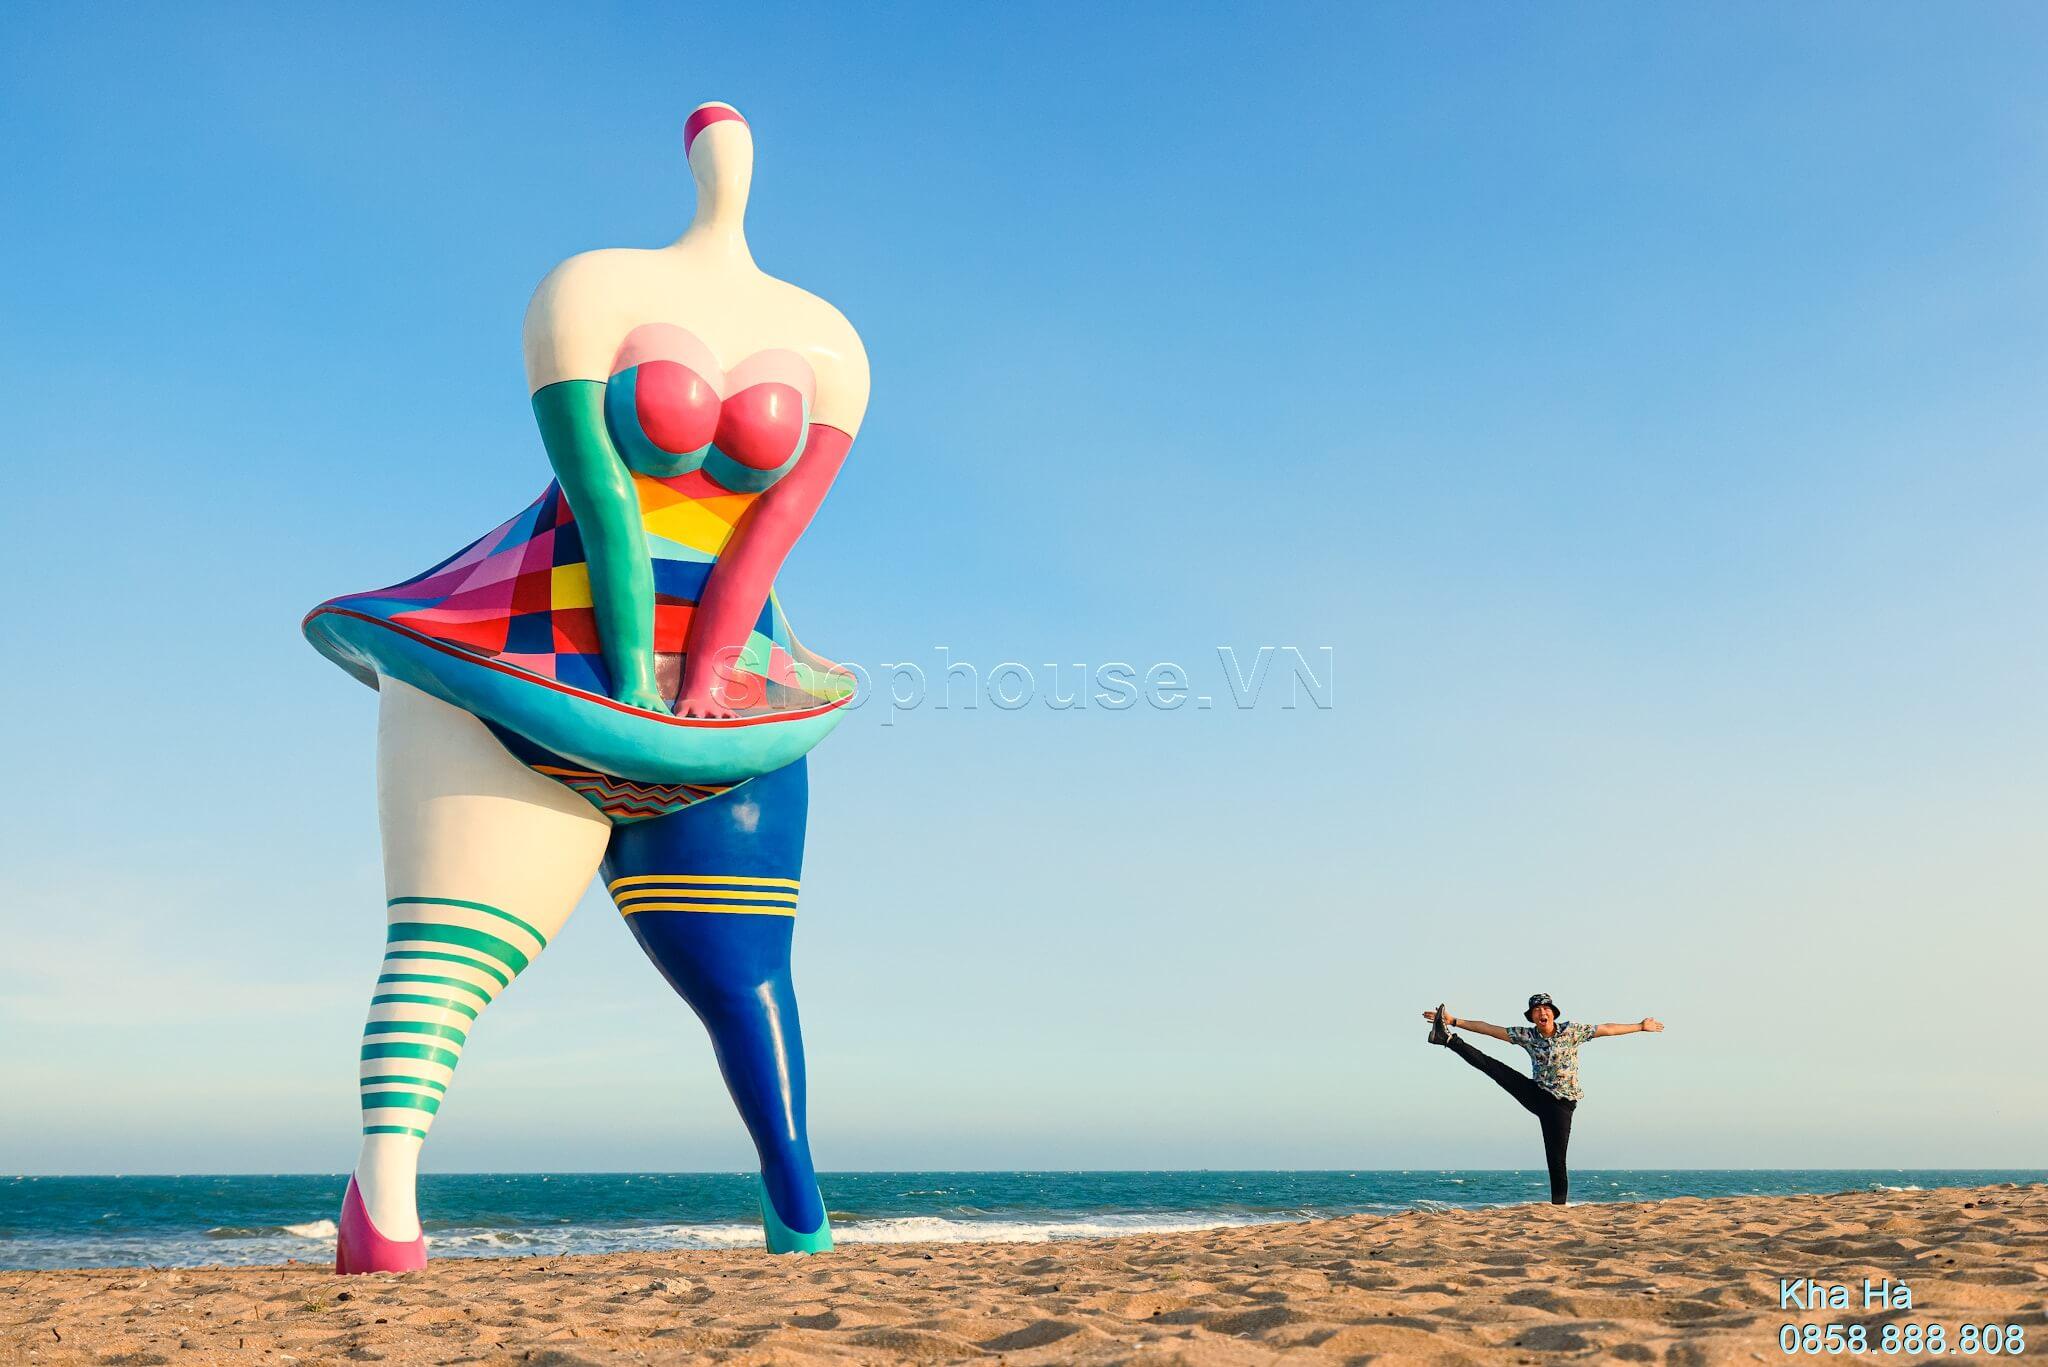 Marilyn-Monroe-bieu-tuong-tai-bien-Biniki-Beach-16ha-NovaWorld-Phan-Thiet